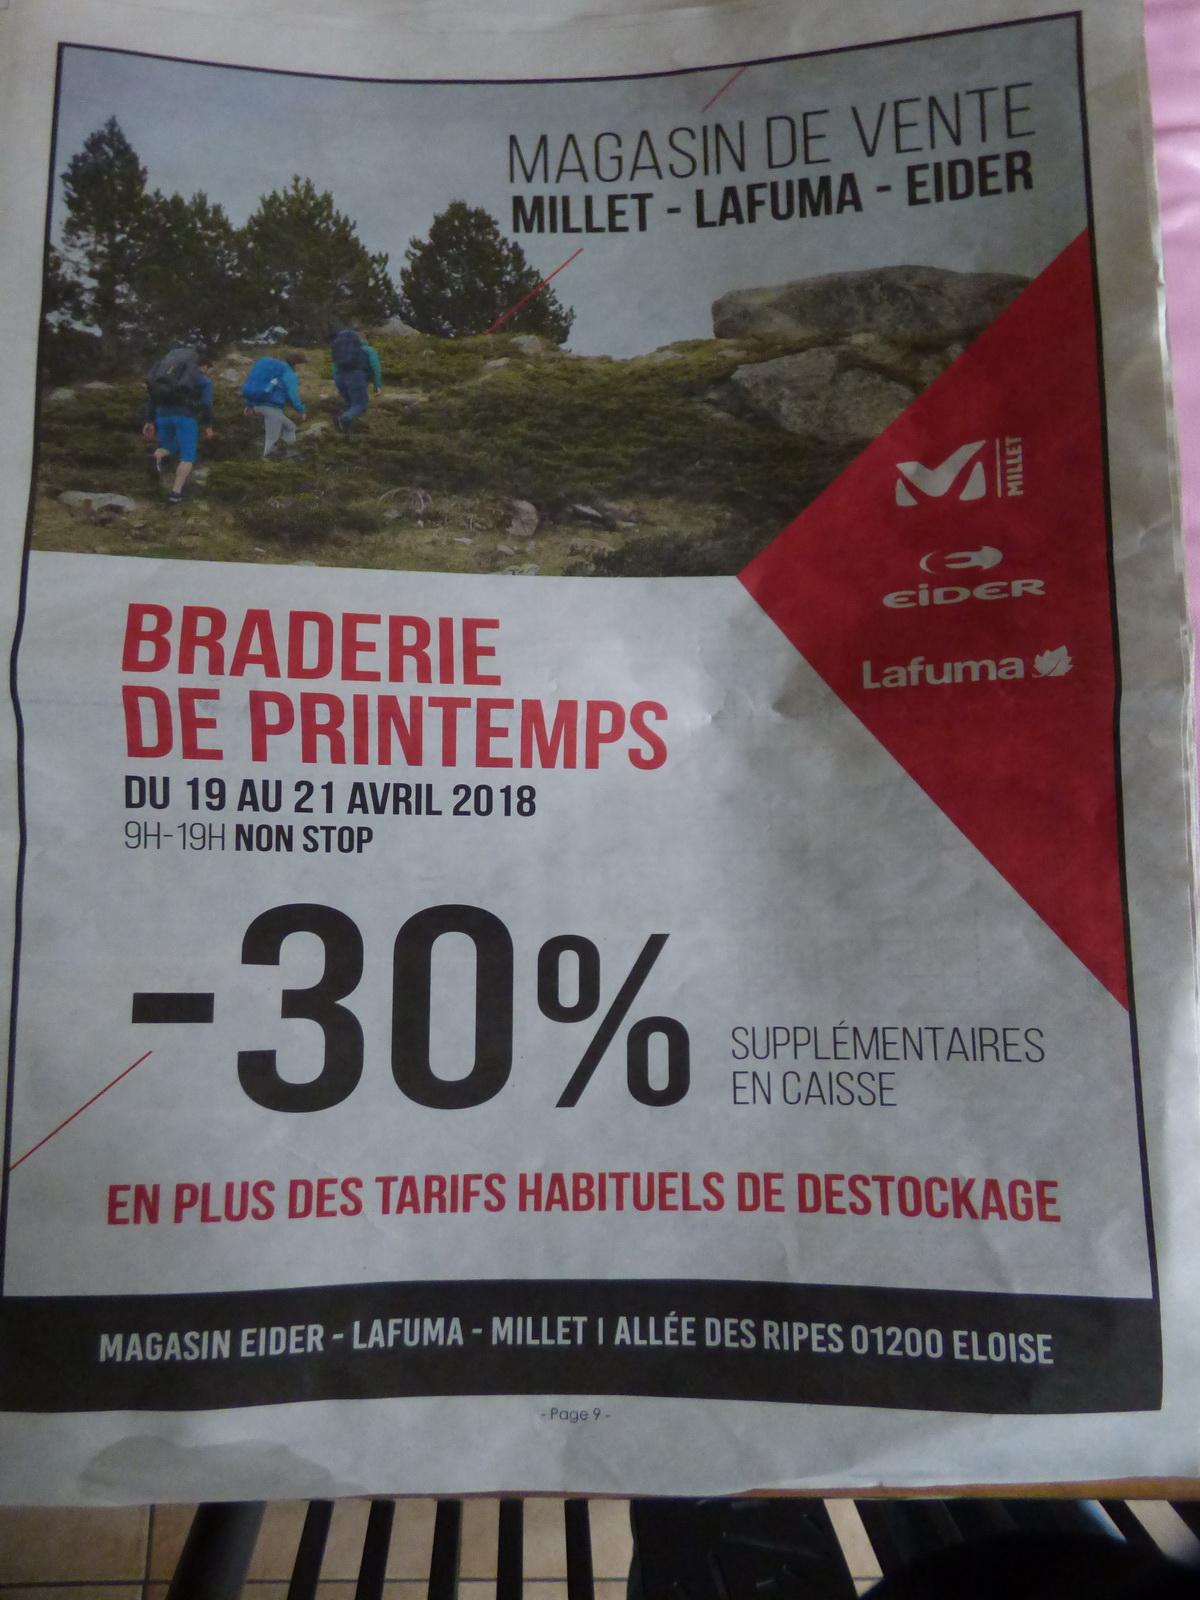 30% de réduction supplémentaires sur tout le magasin (Promotions comprises) - Eider Eloise (01)